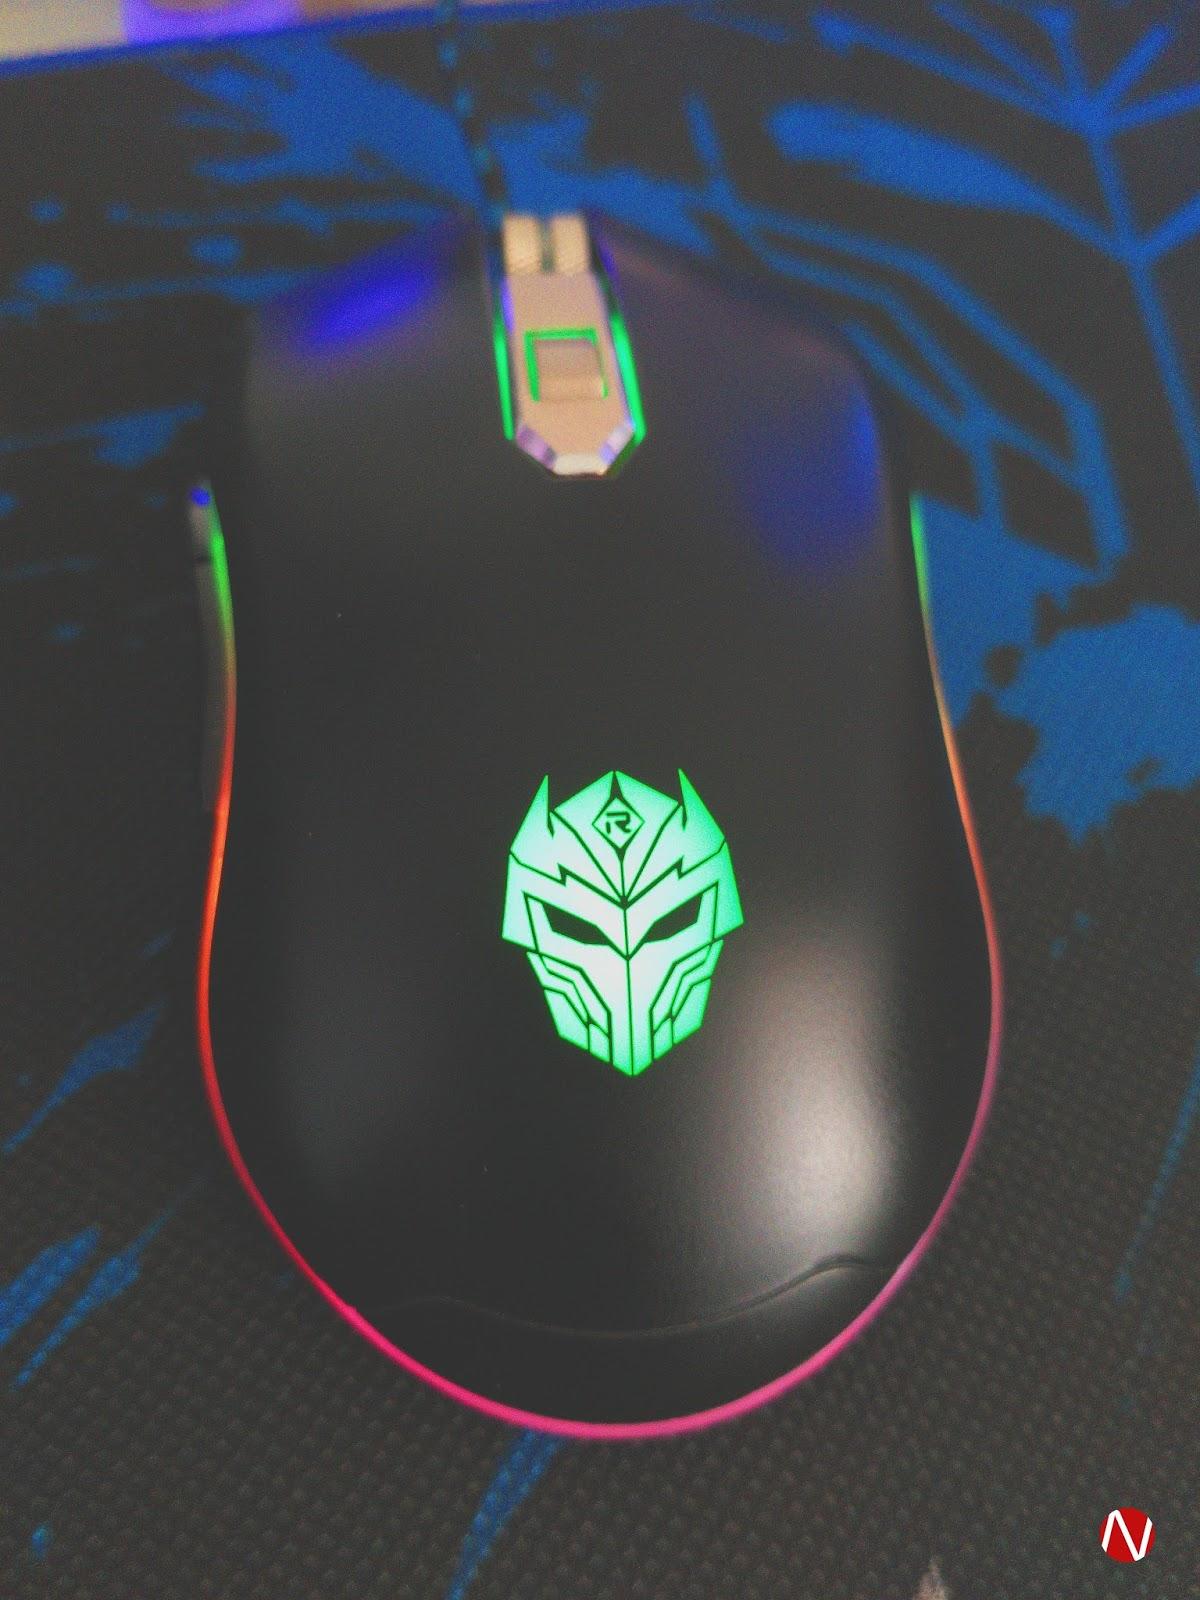 Rexus Mouse Gaming Tx3 Daftar Harga Terkini Termurah Dan Paket Super Hemat Keyboard K9rgb Tx9 Titanix